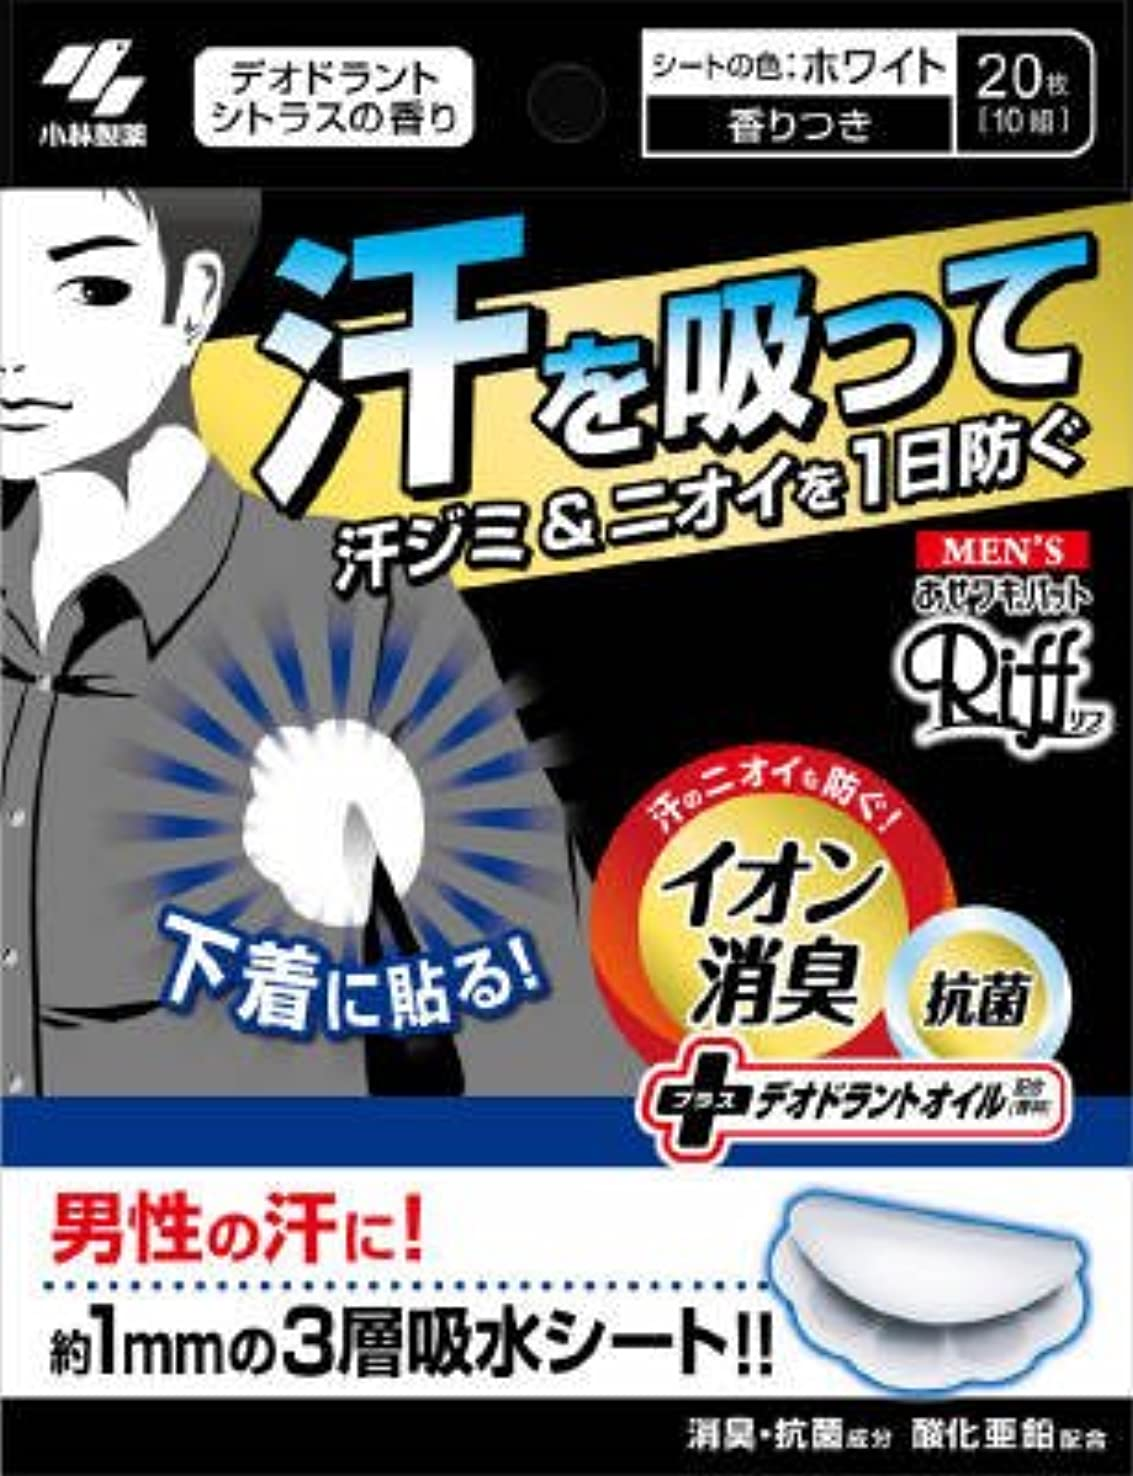 年金受給者許す連想メンズあせワキパット リフ ホワイト 20枚【3個セット】